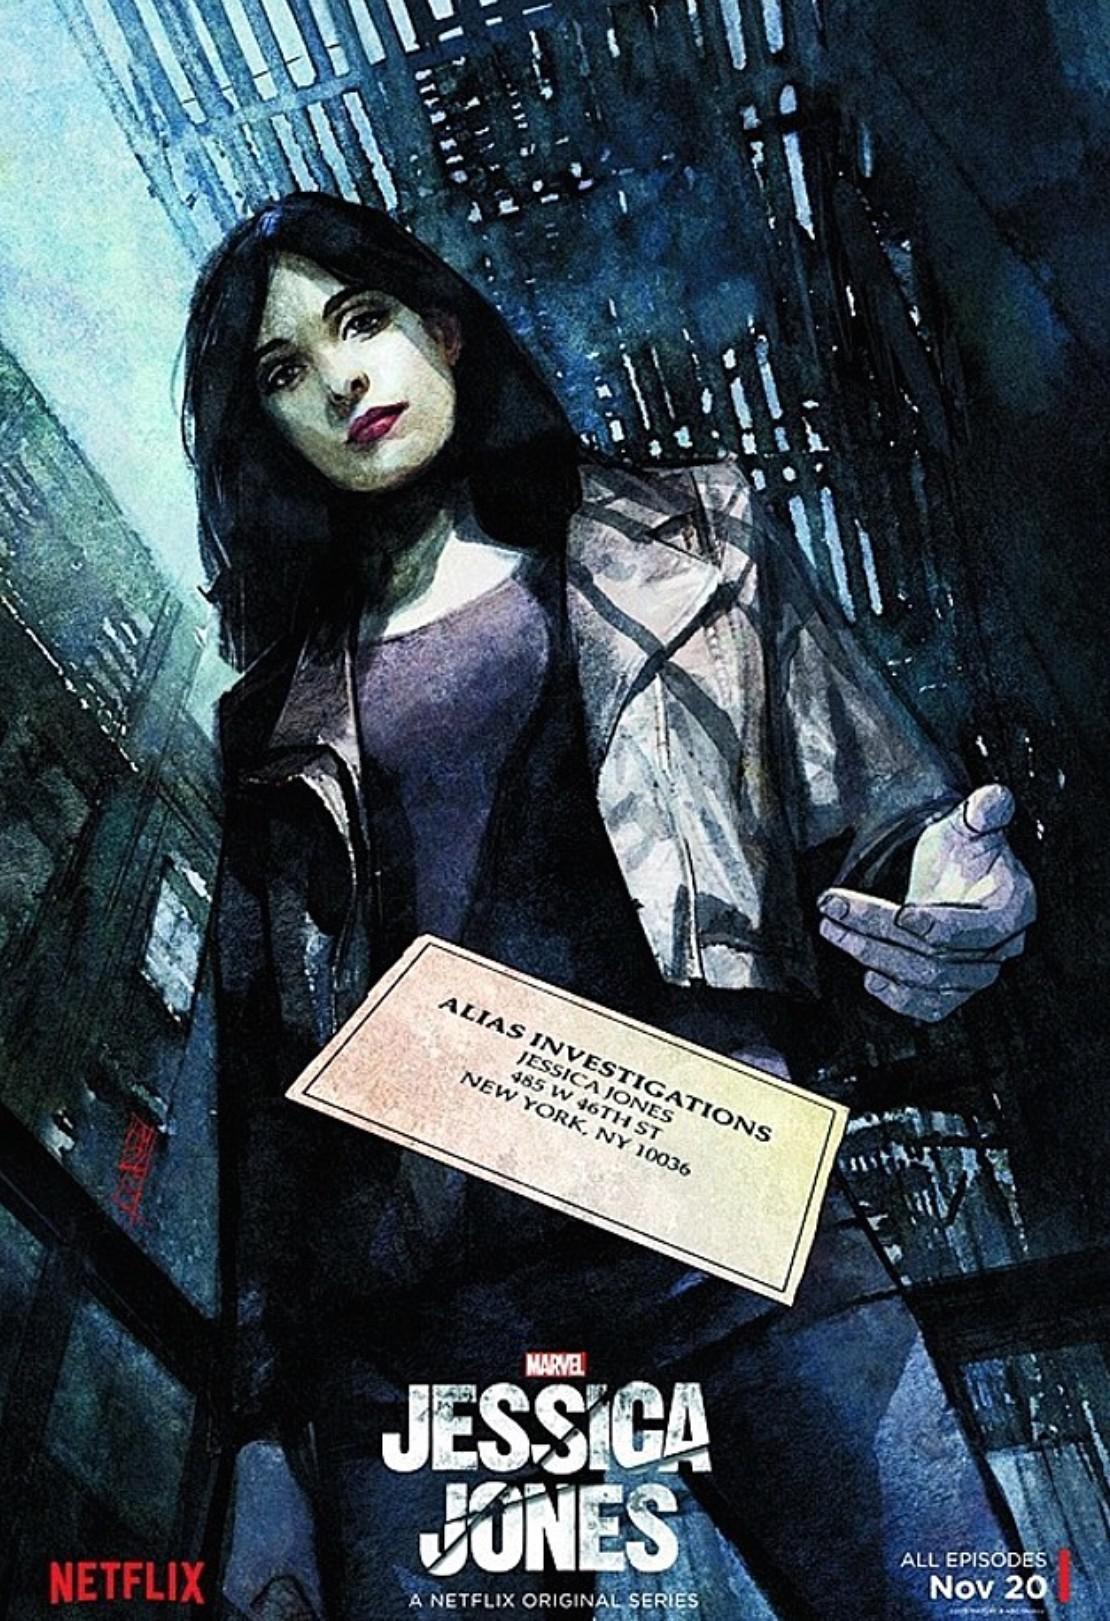 Jessica Jones ‒ recenzja